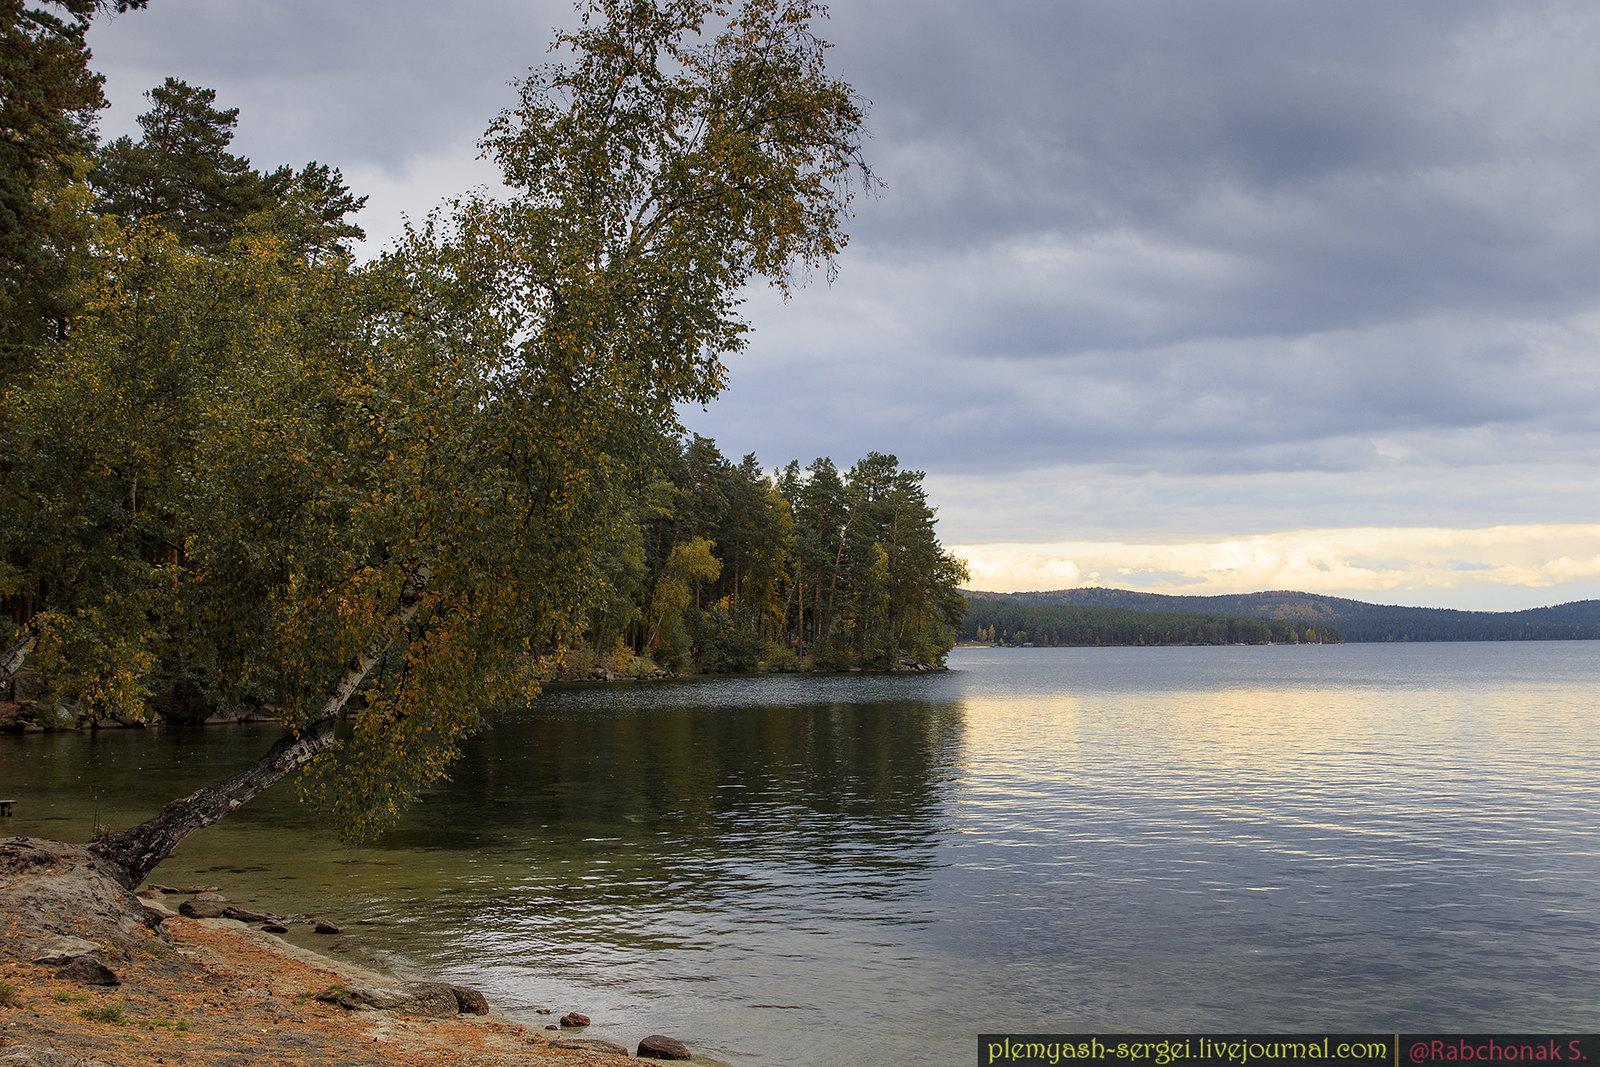 Turgoyak lake